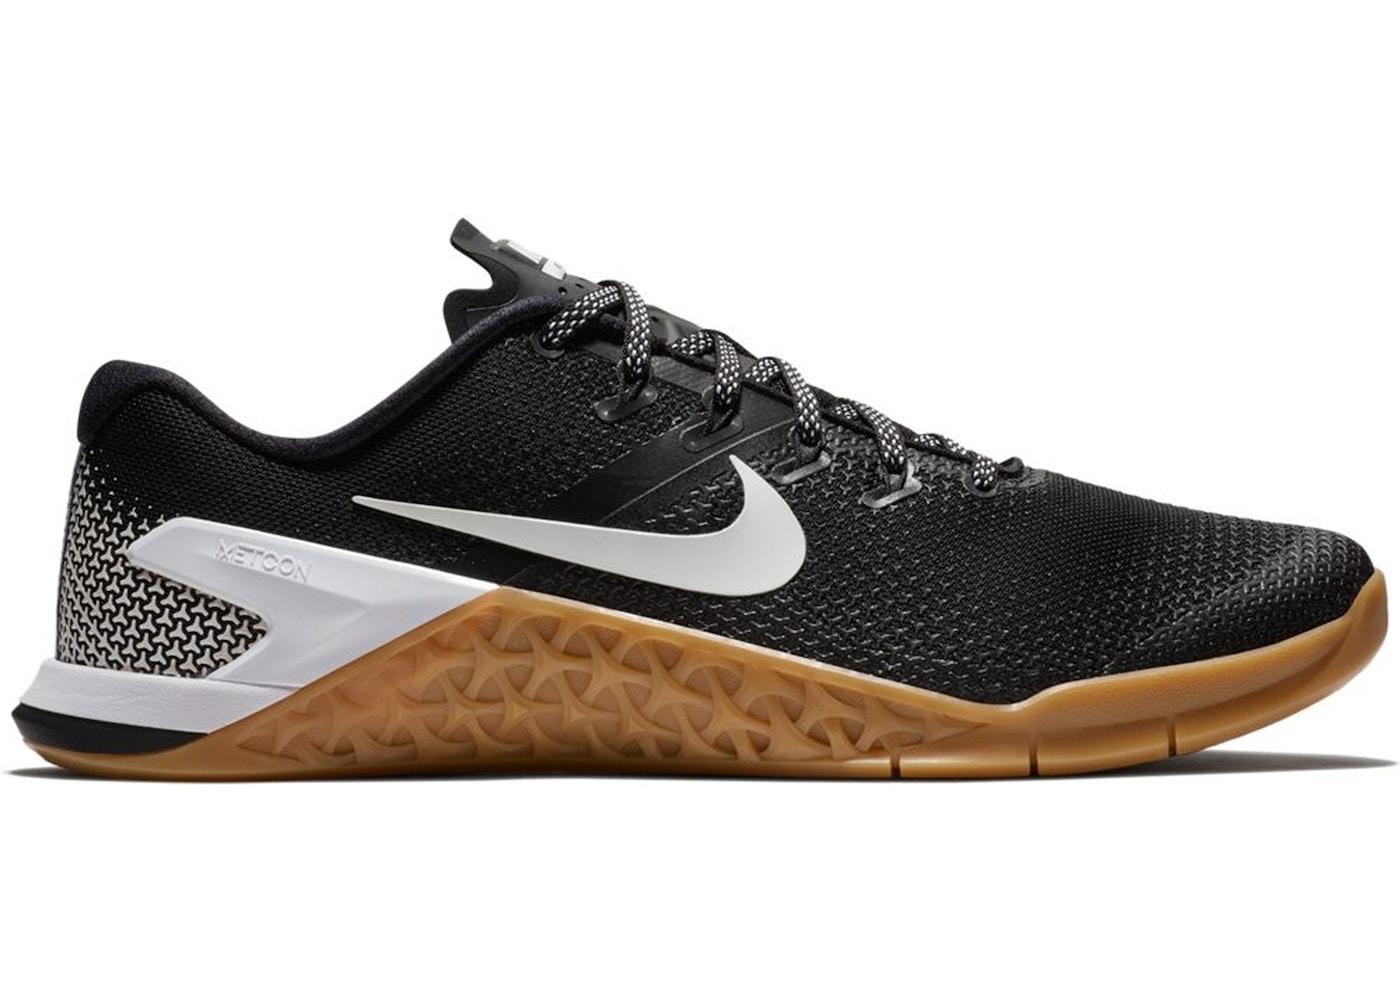 Nike Metcon 4 Black White Gum